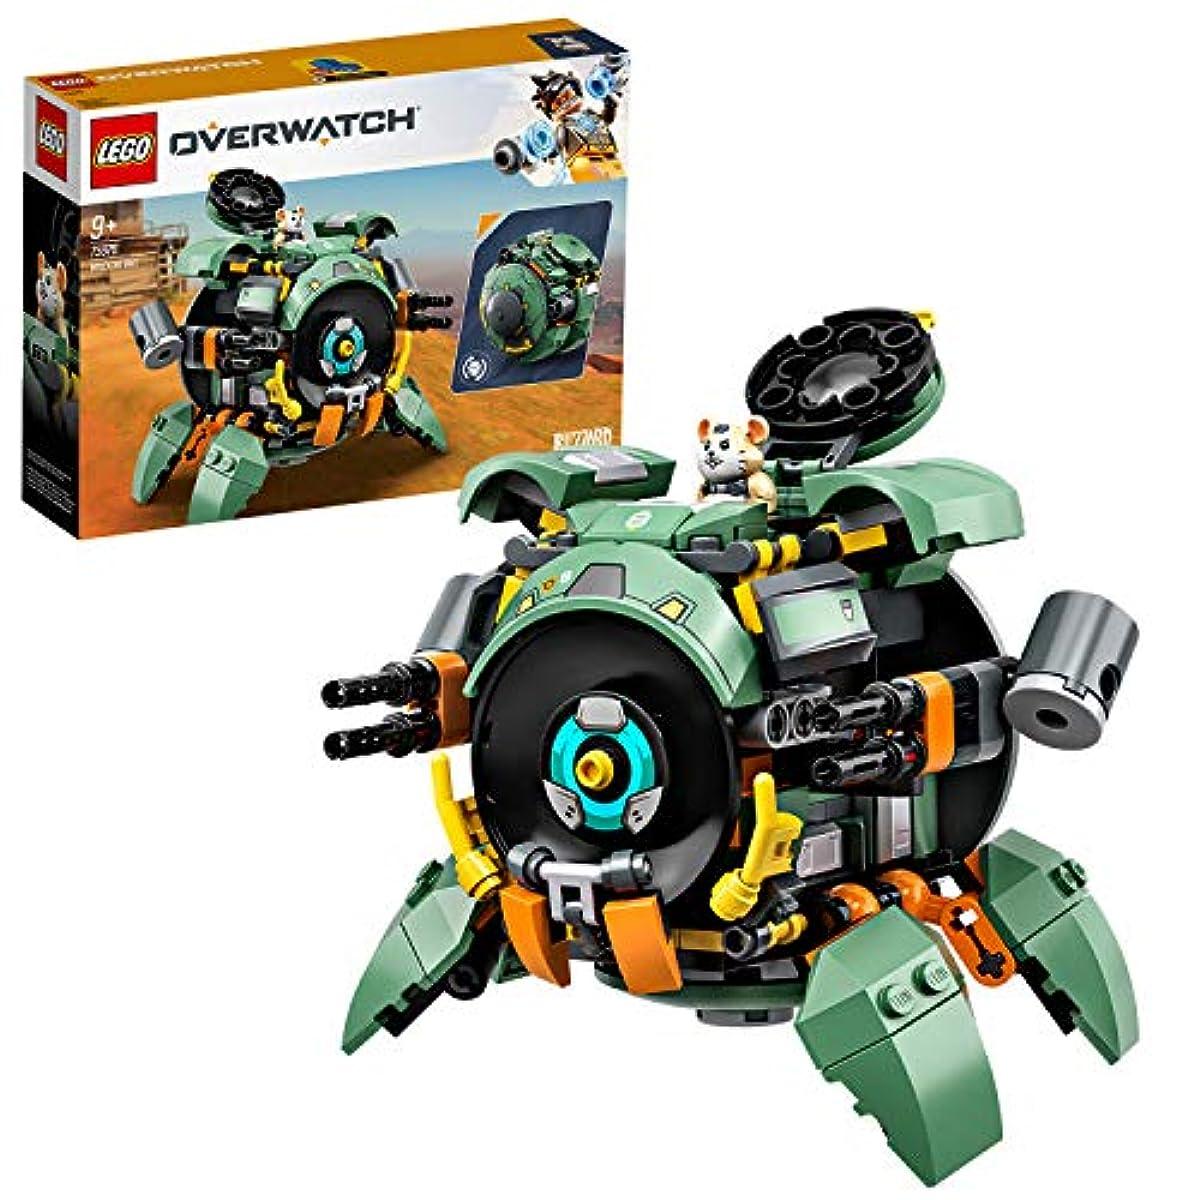 [해외] 【AMAZON.CO.JP한정】레고(LEGO) 오버워치 렛킨구볼 75976